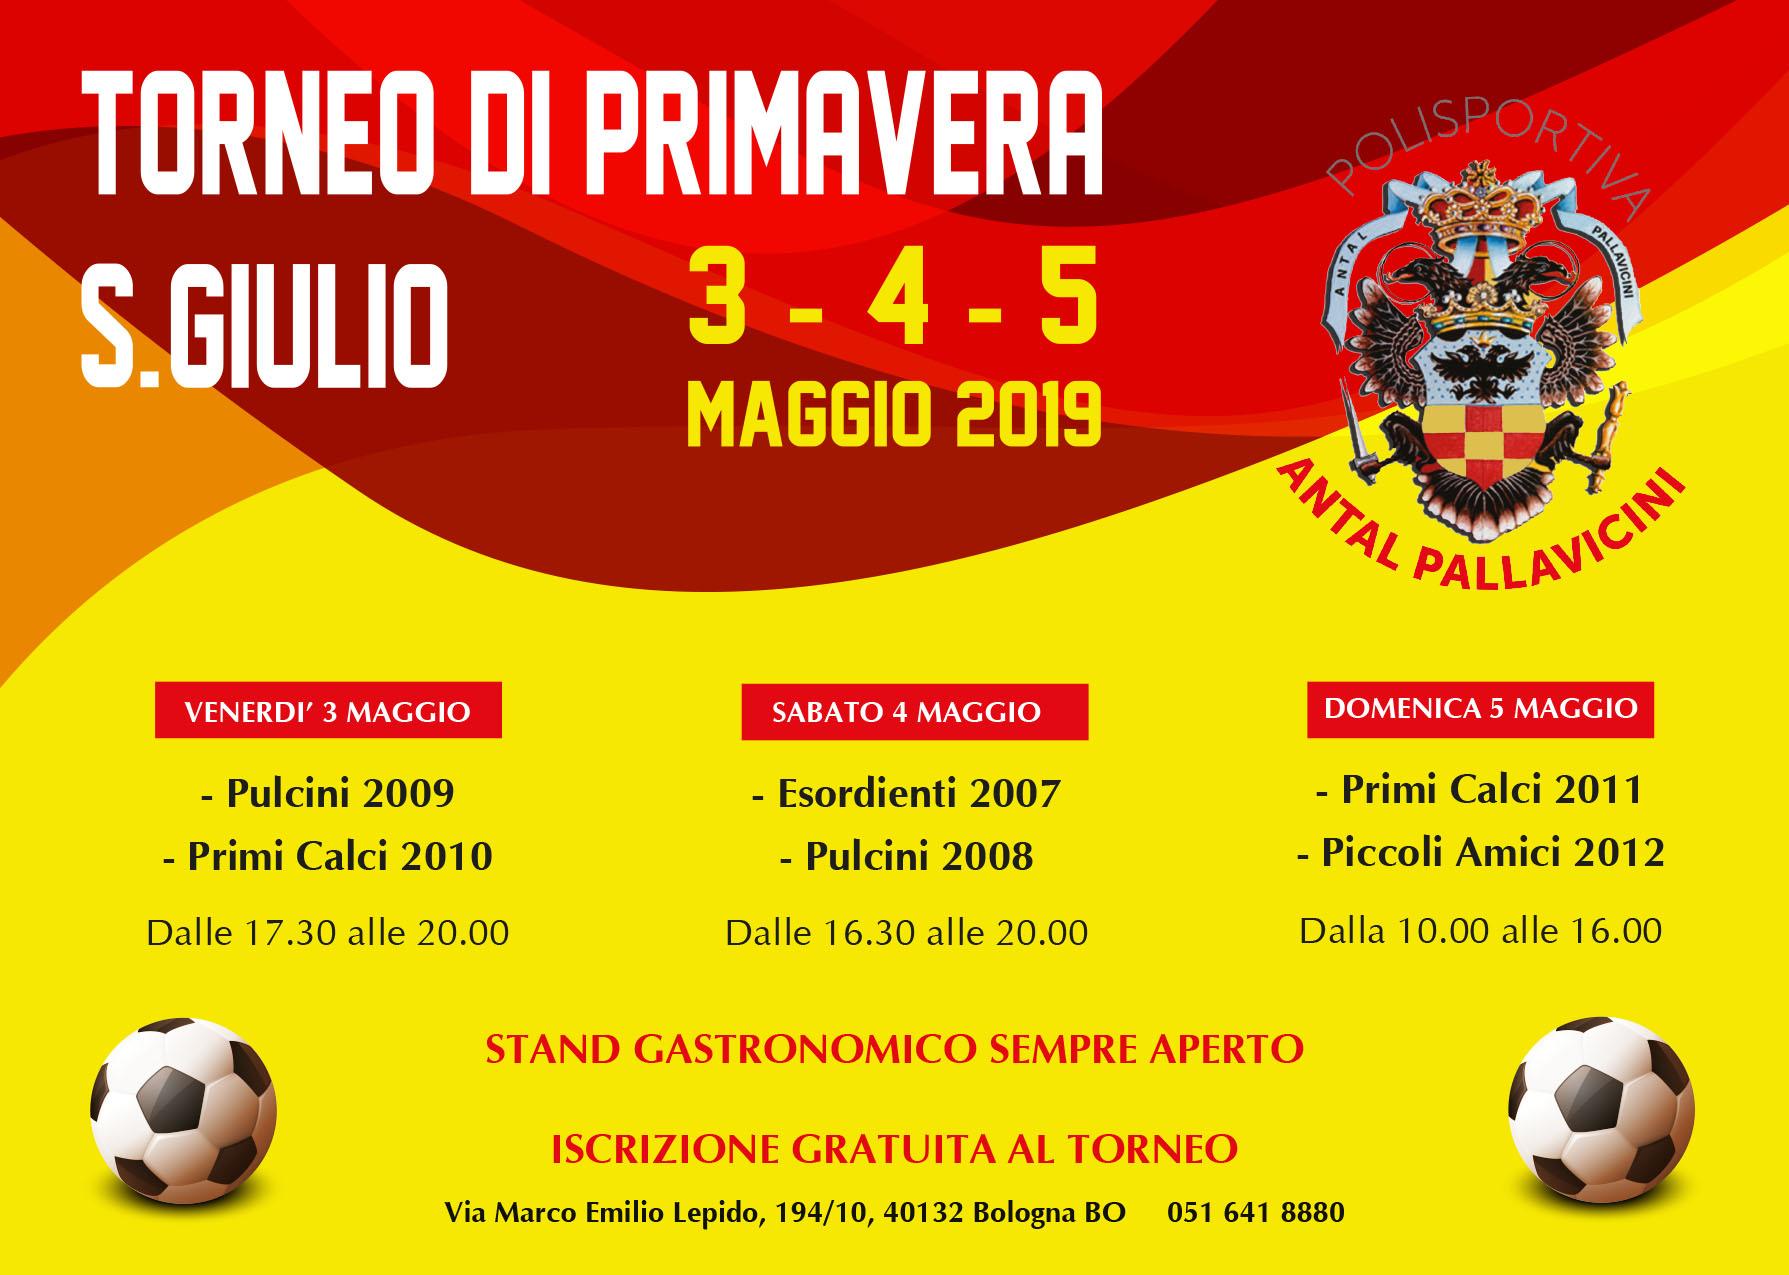 Torneo San Giulio 2019